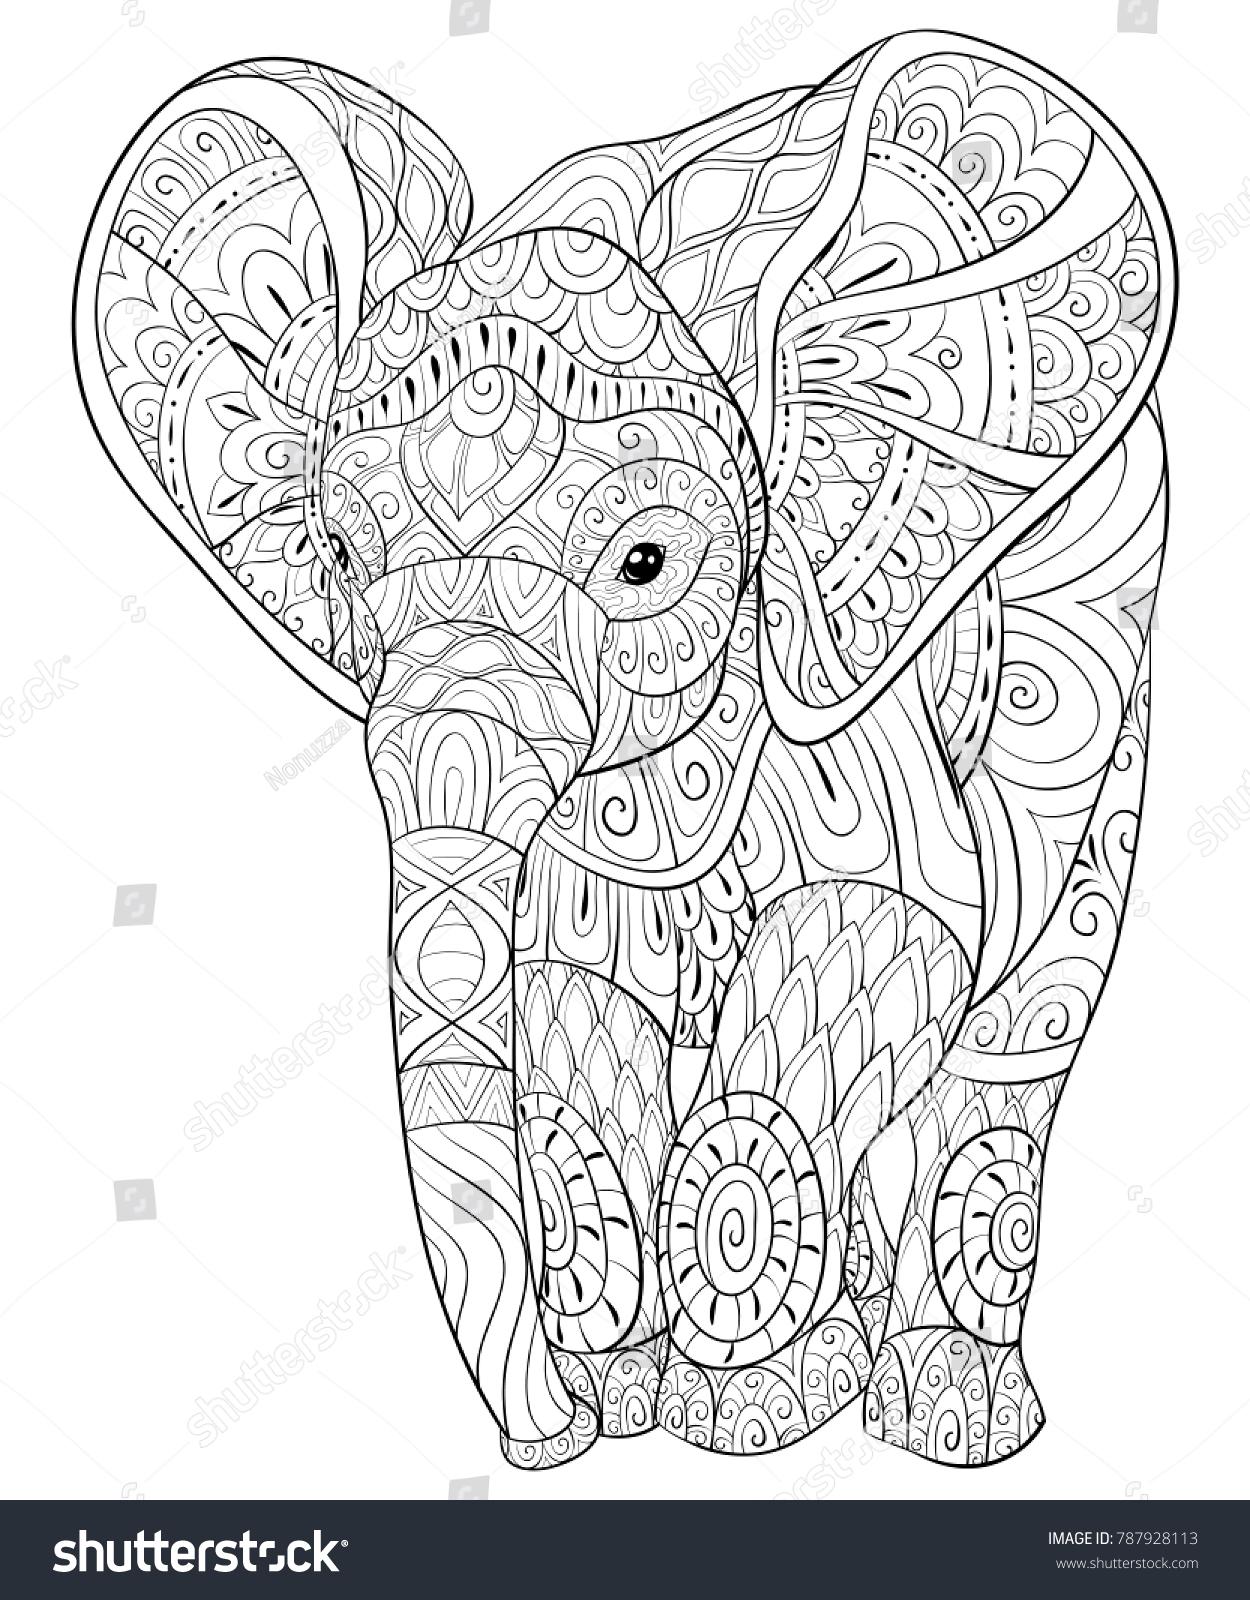 Adult Coloring Bookpage Elephantimage Relaxing Zen Stock Vector ...